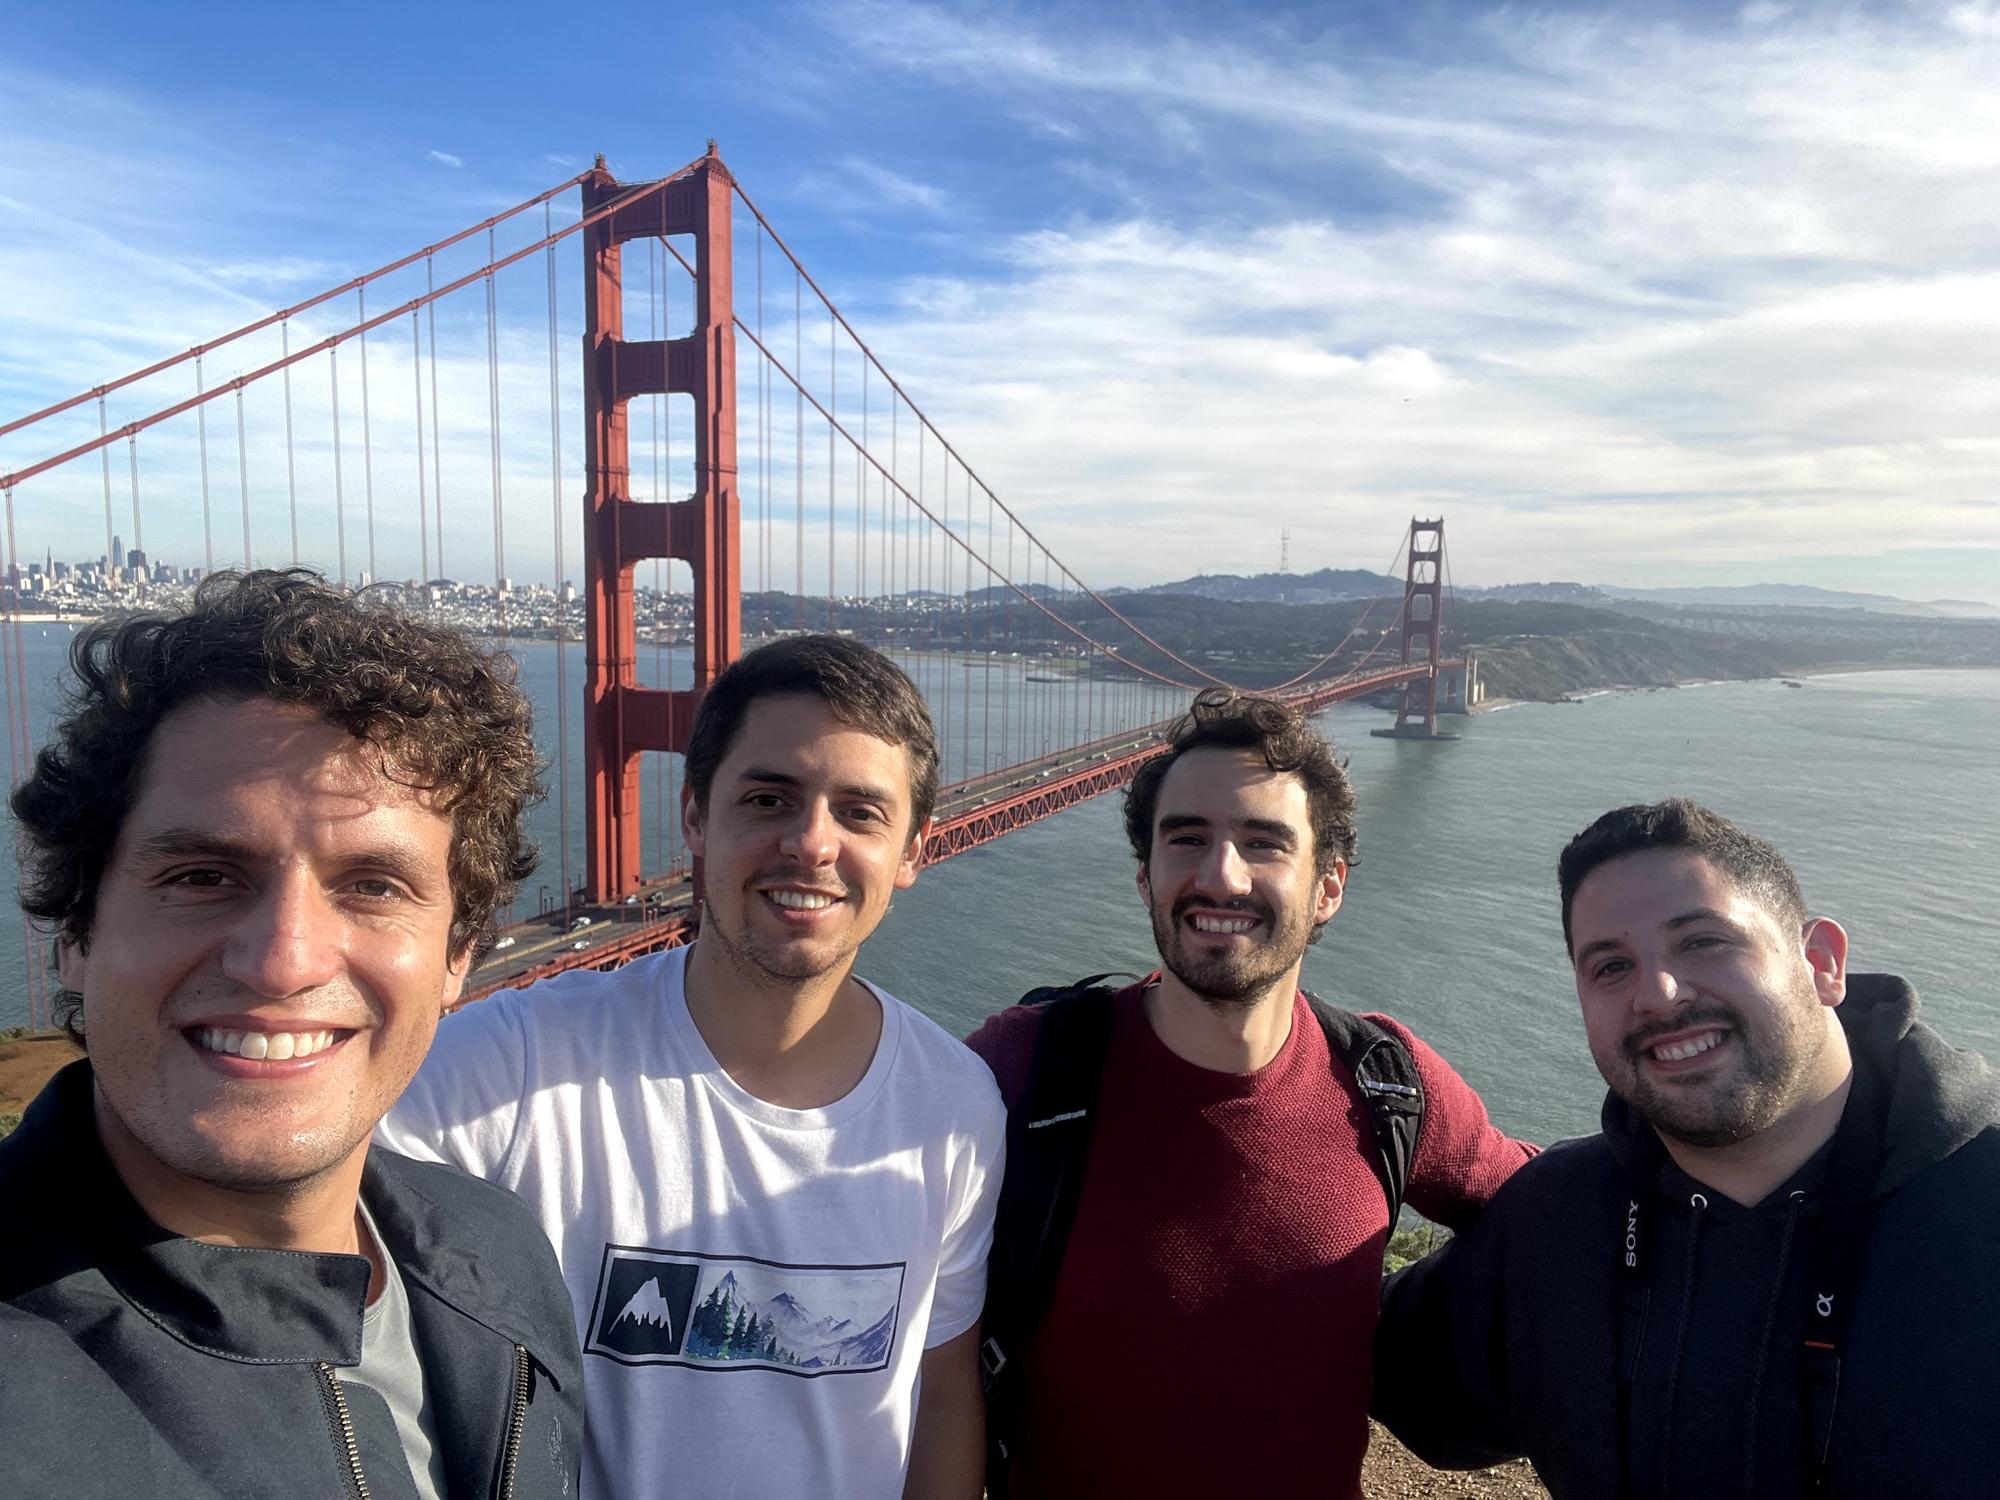 Trabajando juntos desde San Francisco, CA 😬